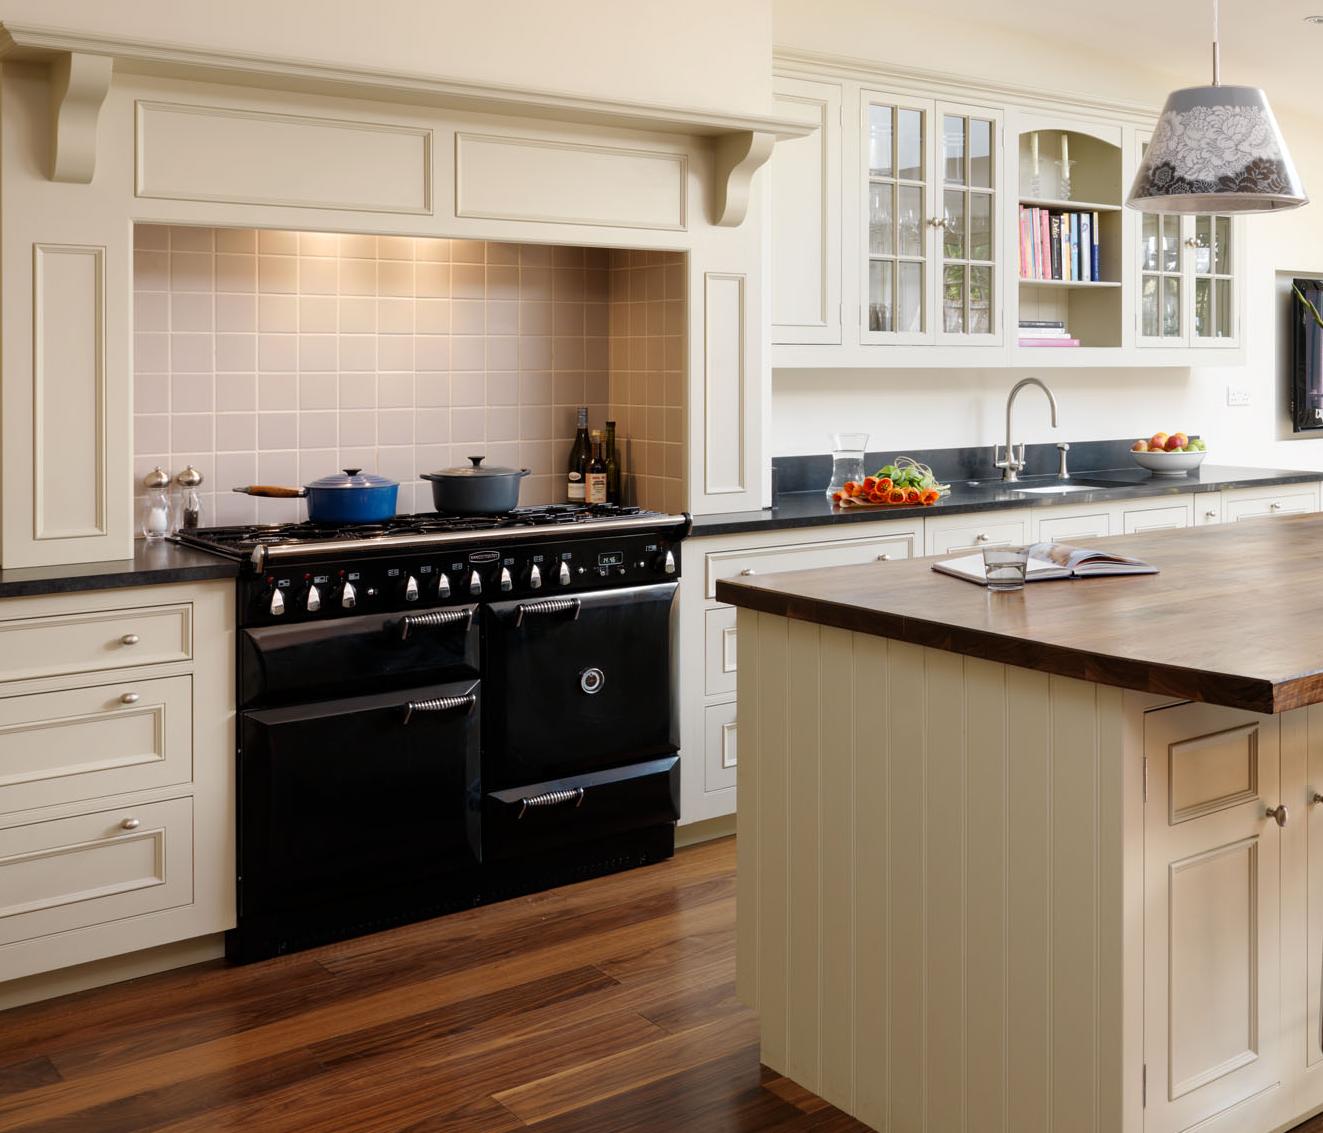 Kitchen Chimney Interior Design: David Dangerous: Kitchen Chimney Designs